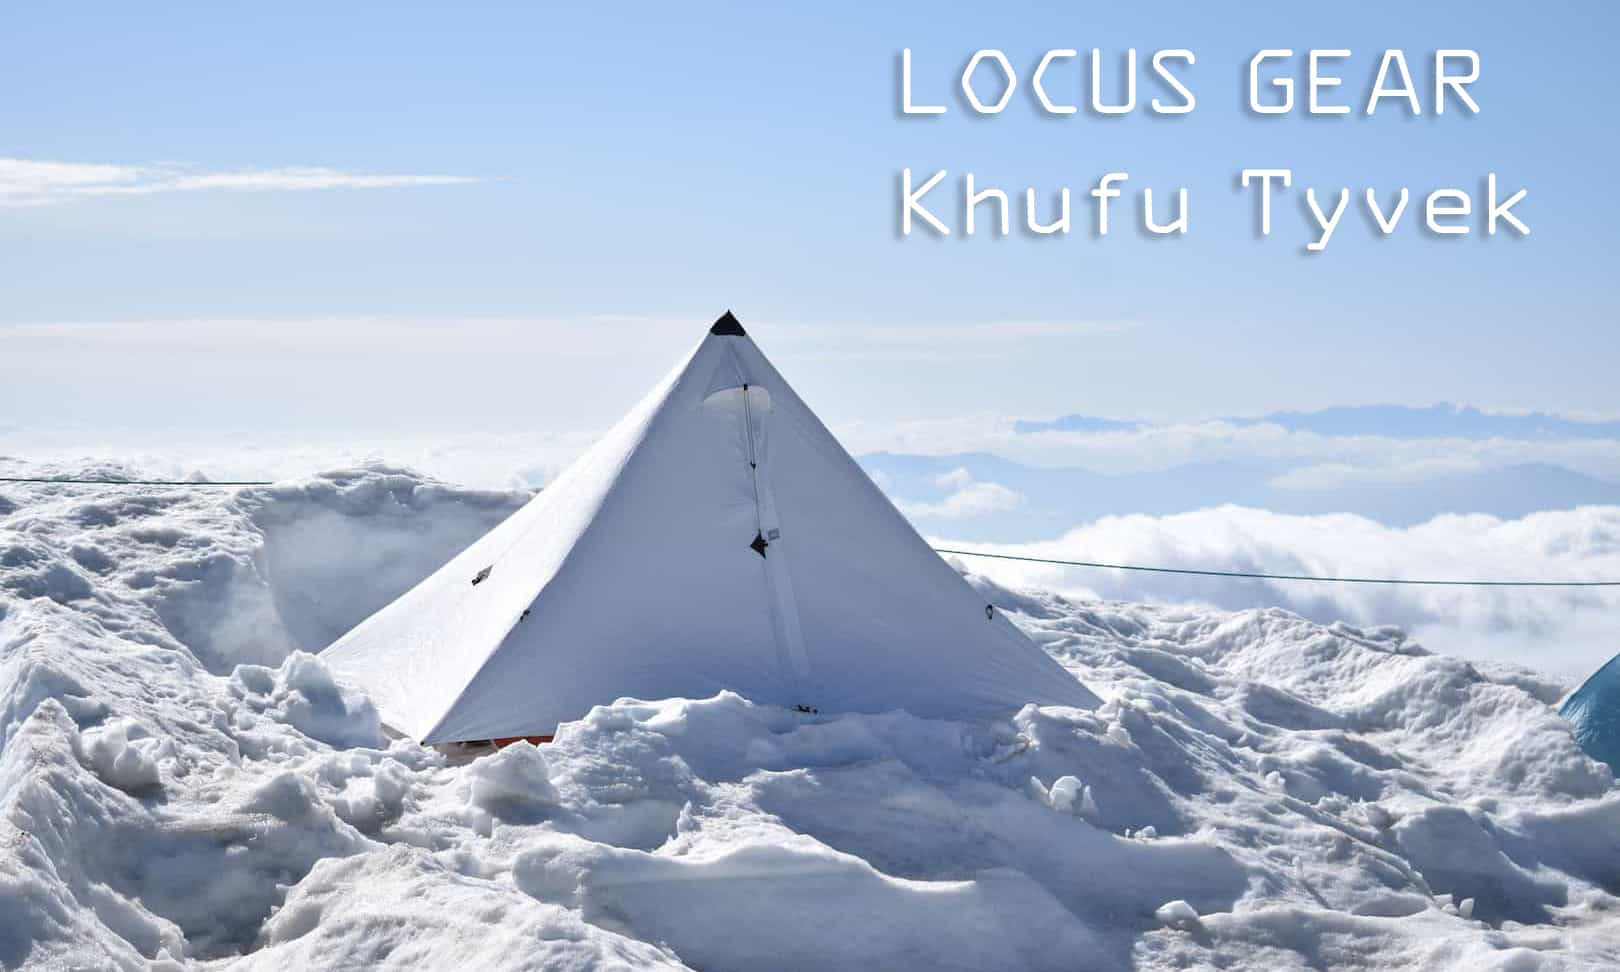 【ギアレビュー】ローカスギアのクフタイベックはおしゃれ便利テント!